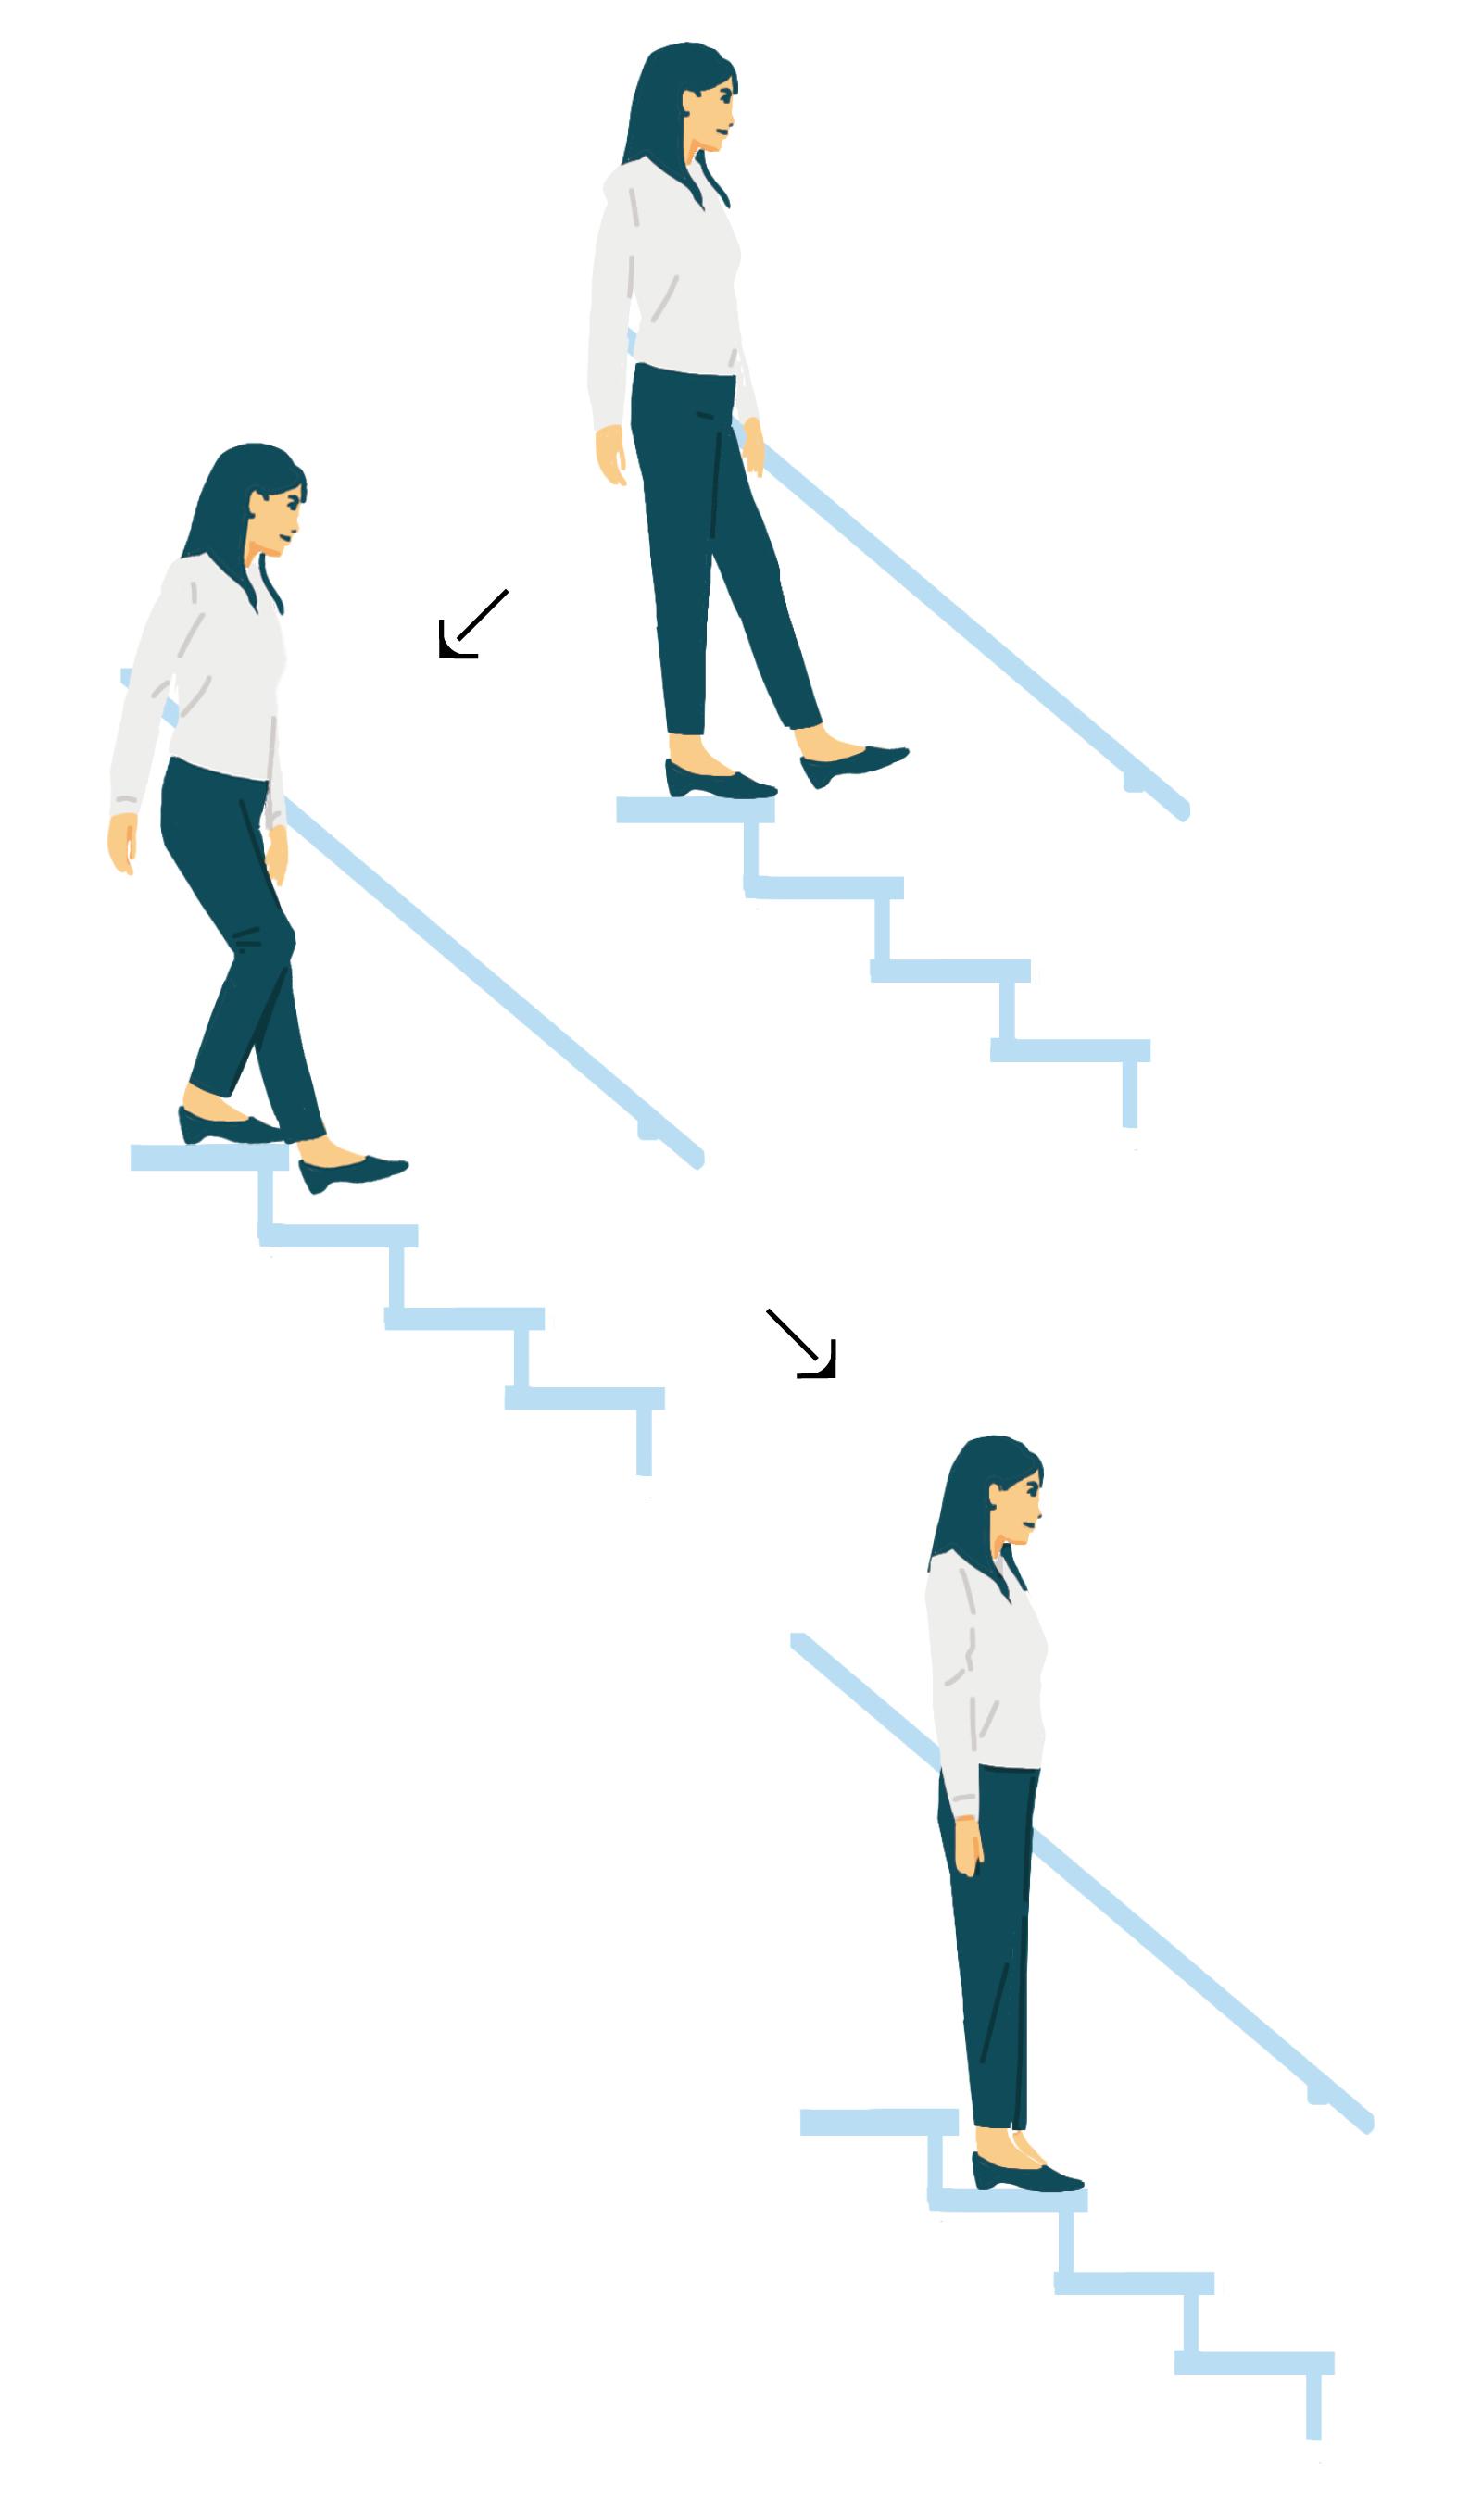 階段を下りながらトレ